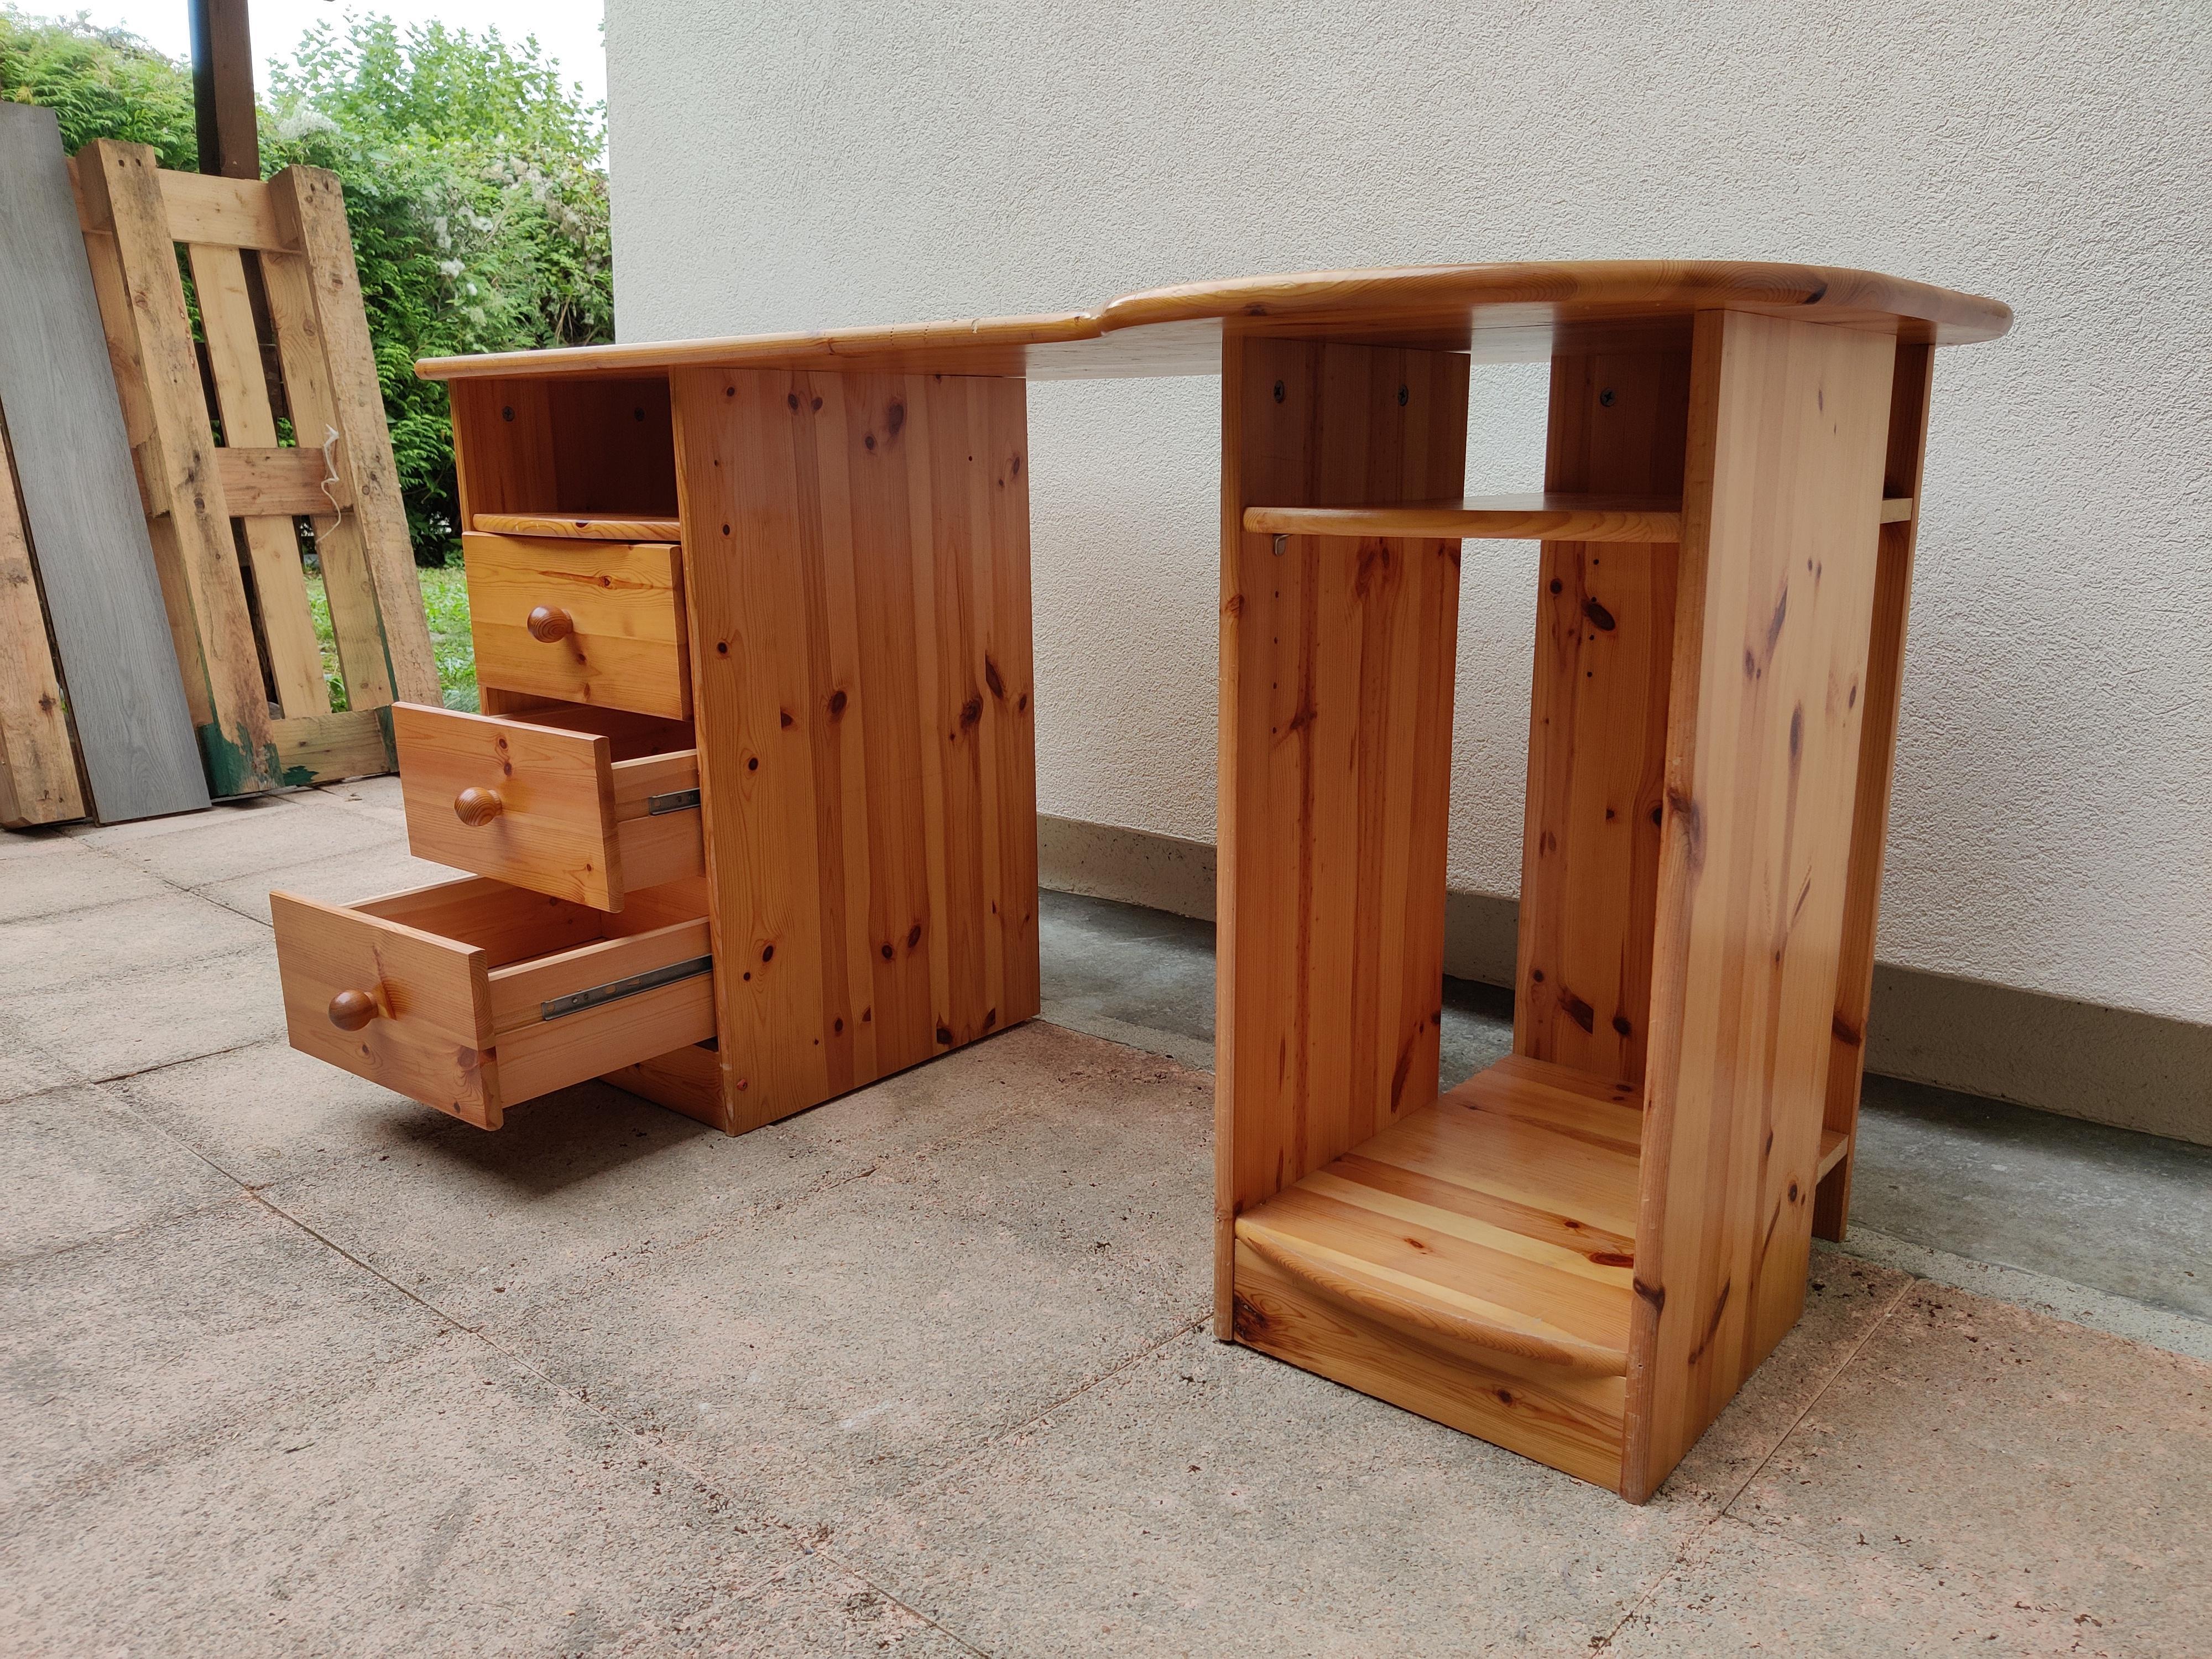 troc de troc bureau en bois brut (avec rangements) image 2